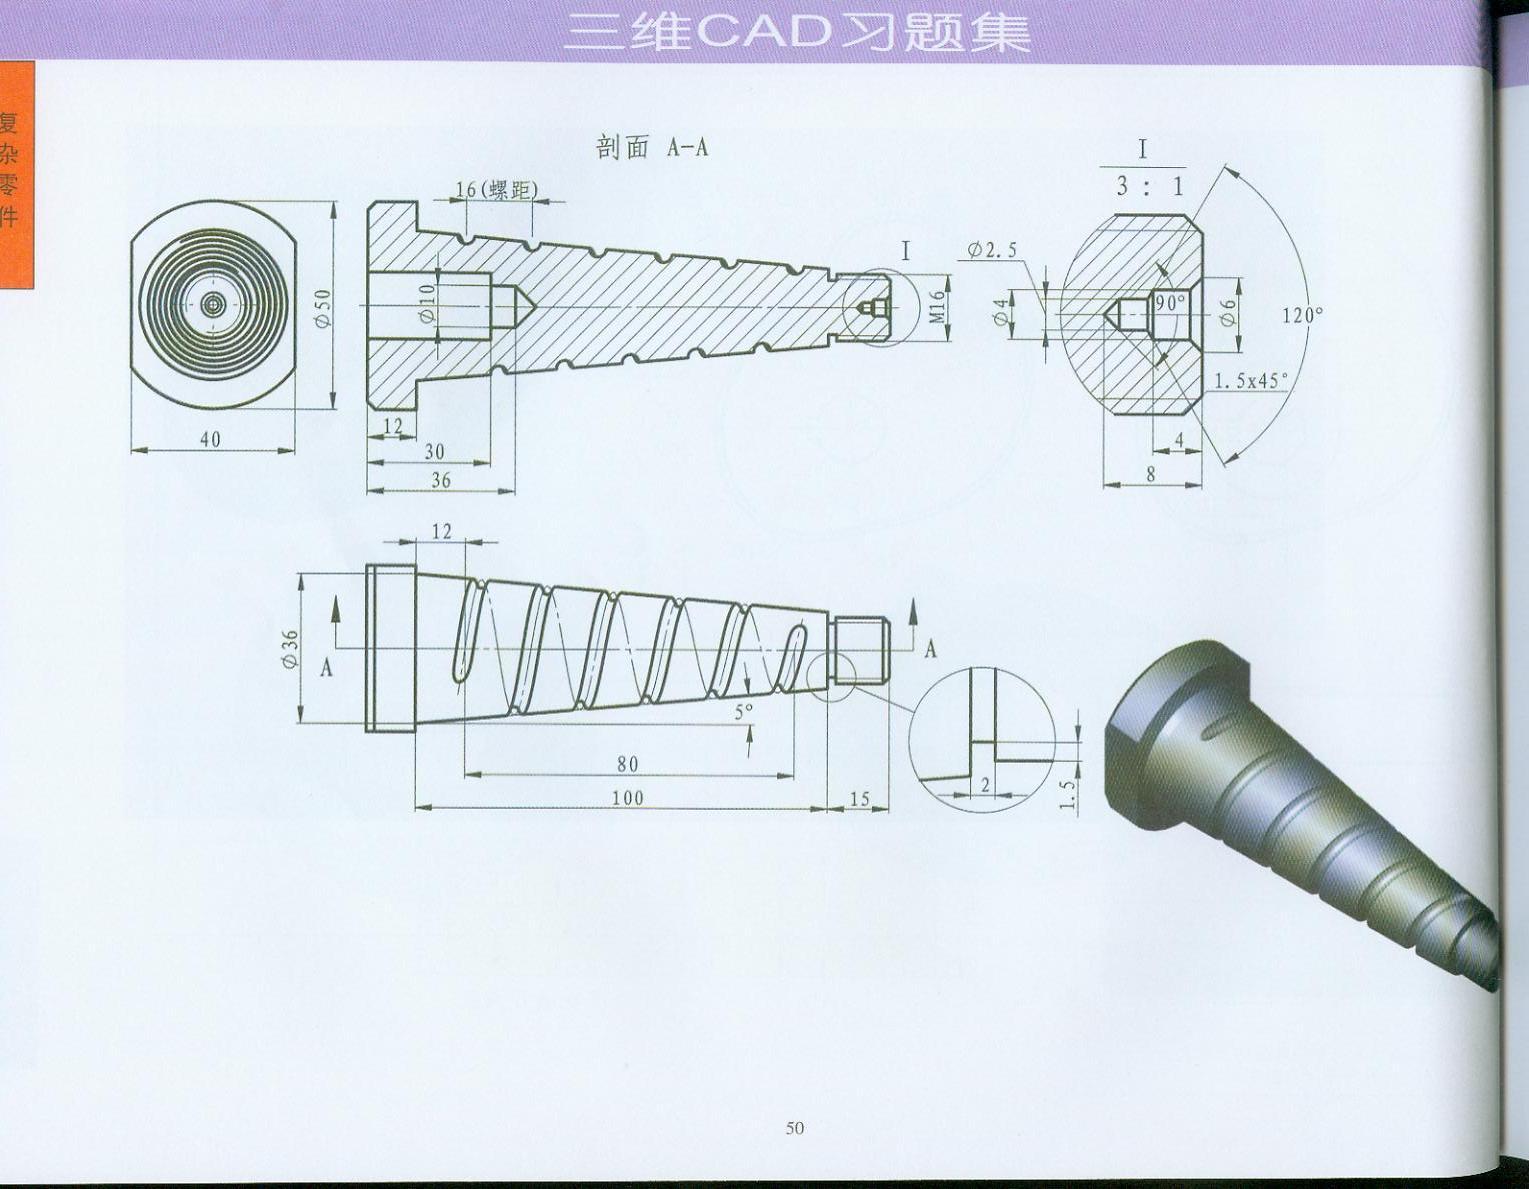 AutoCAD机械v机械-三维cad全集,习题,扫描版,1上海包装设计集中地图片